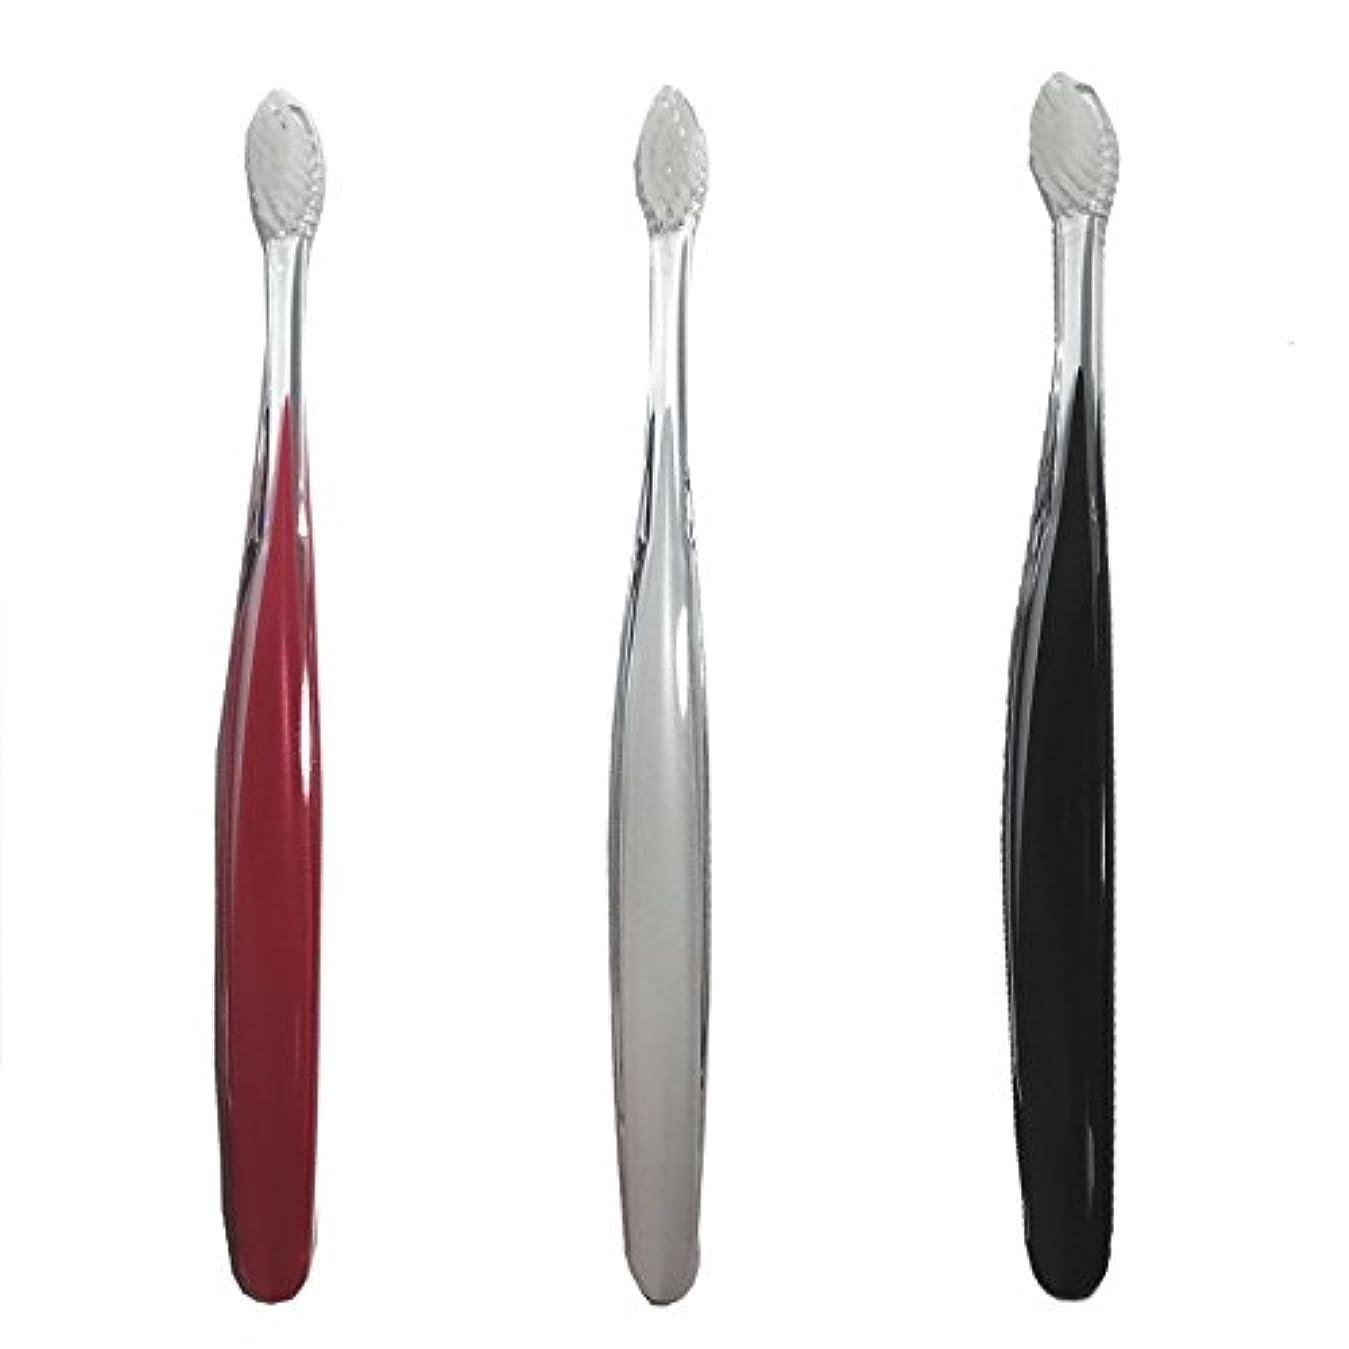 禁輸巡礼者エネルギーサムライ(SAMRAI)歯ブラシ ふつう 3色セット